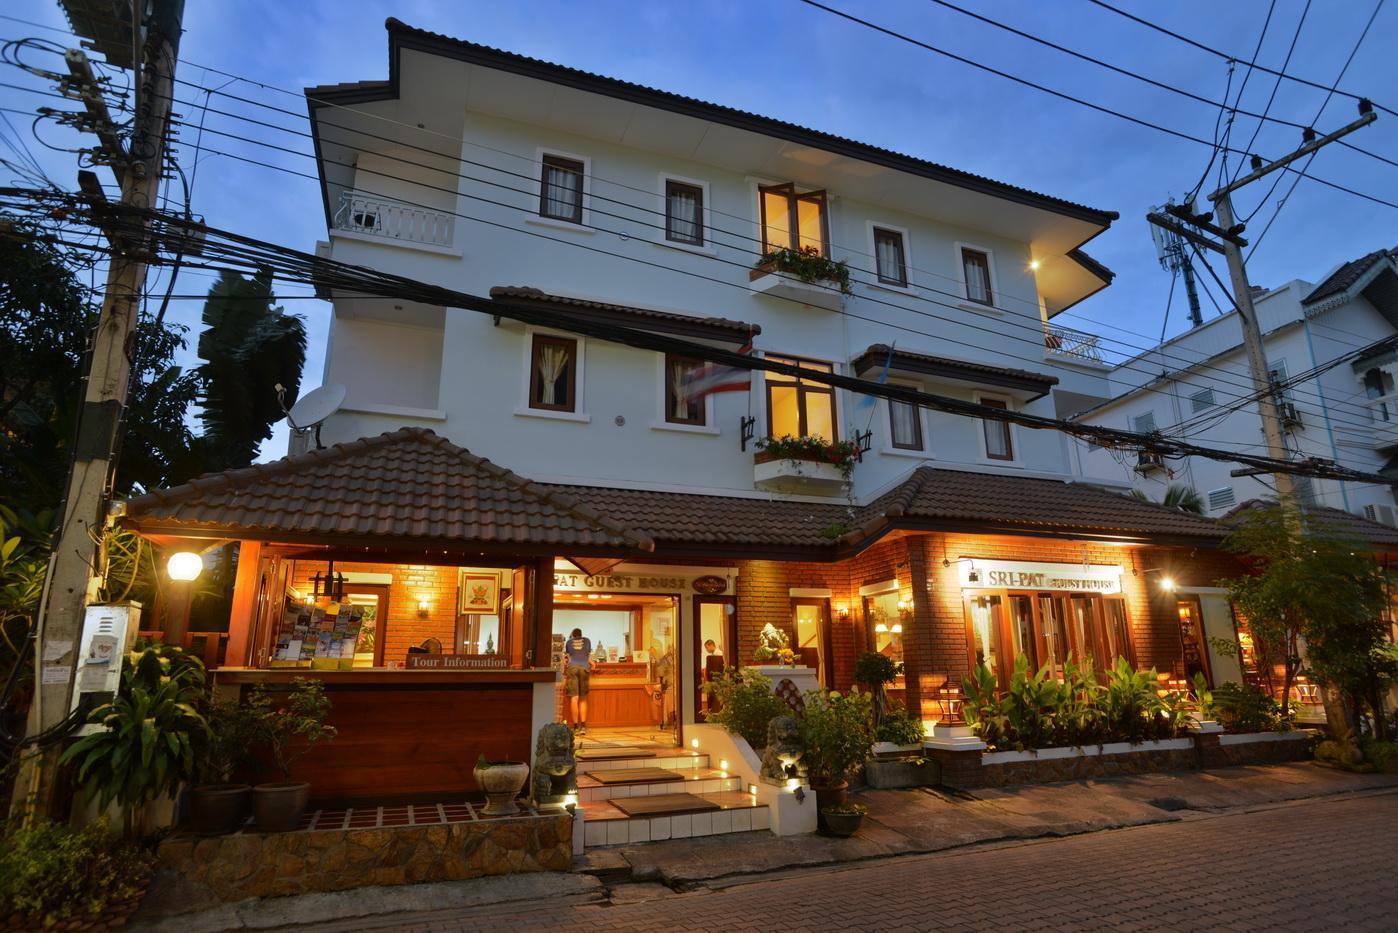 ที่นี่คือ ศรีภัทร เกสท์เฮาส์ (Sri Pat Guest House)